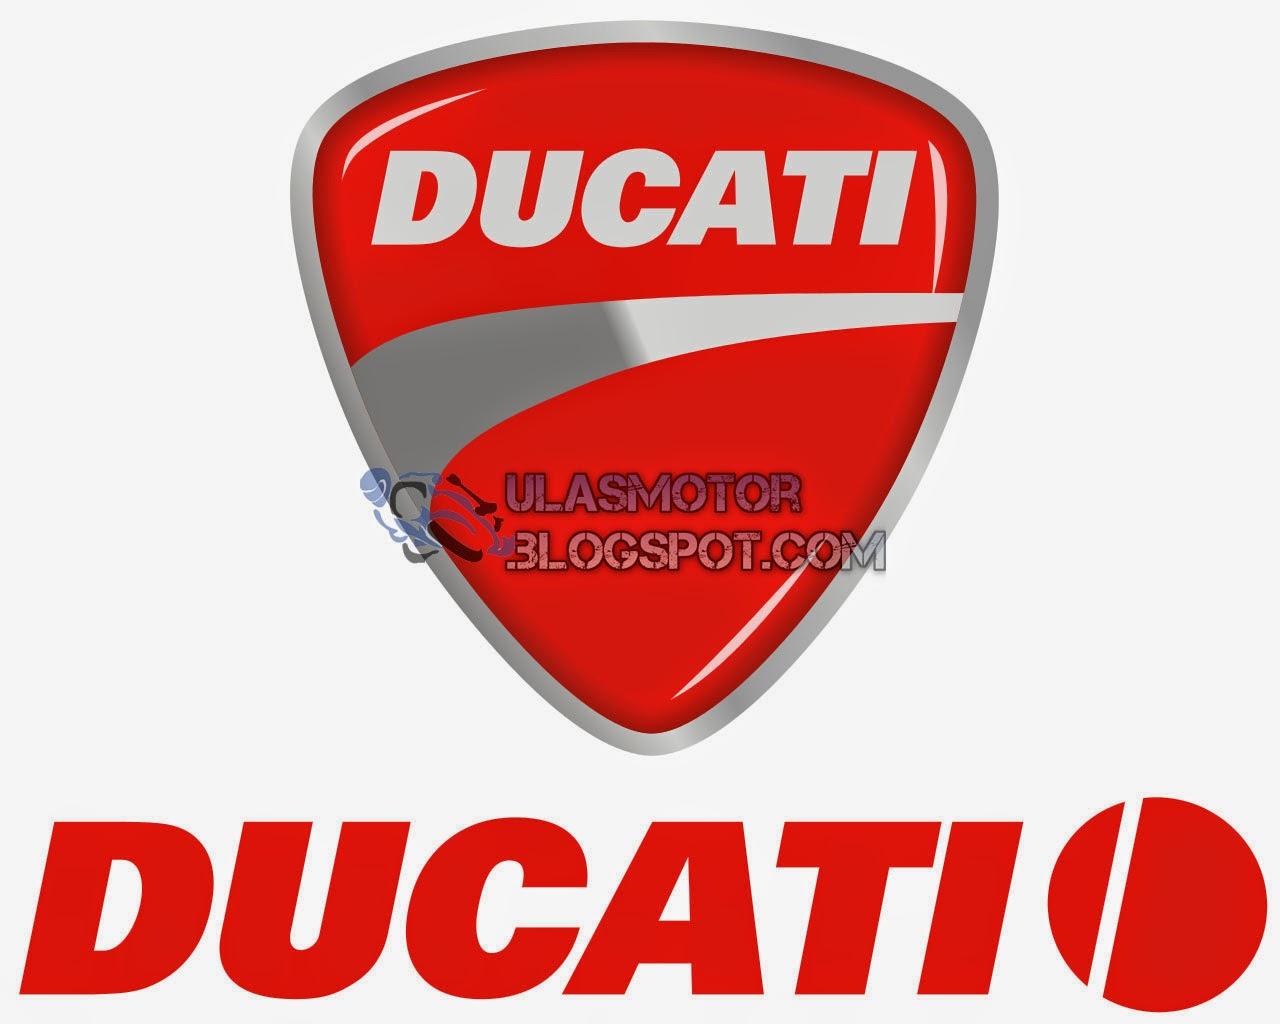 http://ulasmotor.blogspot.com/